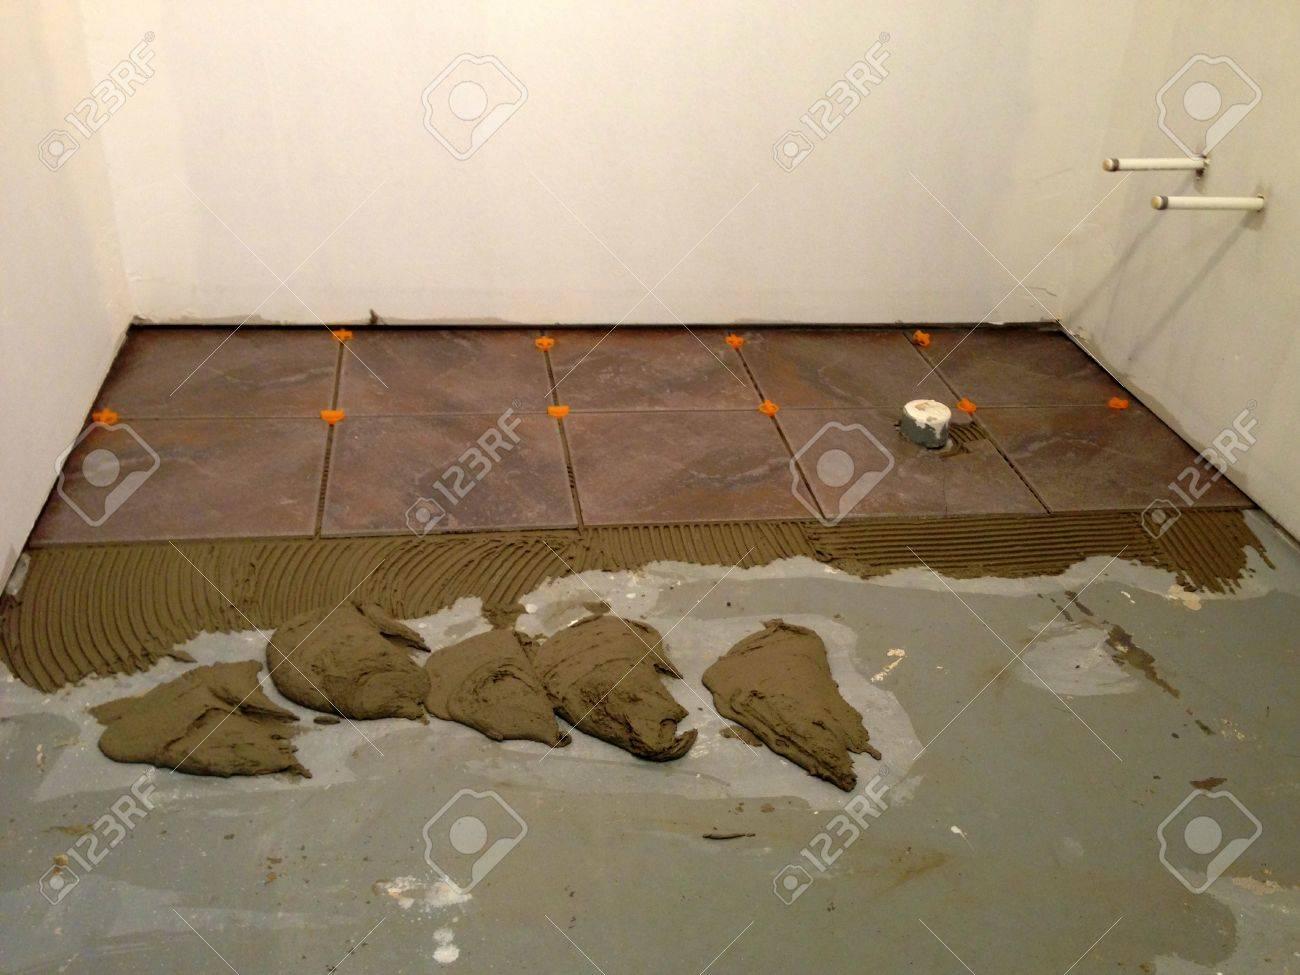 installation von neuen fliesen auf einem fußboden lizenzfreie fotos